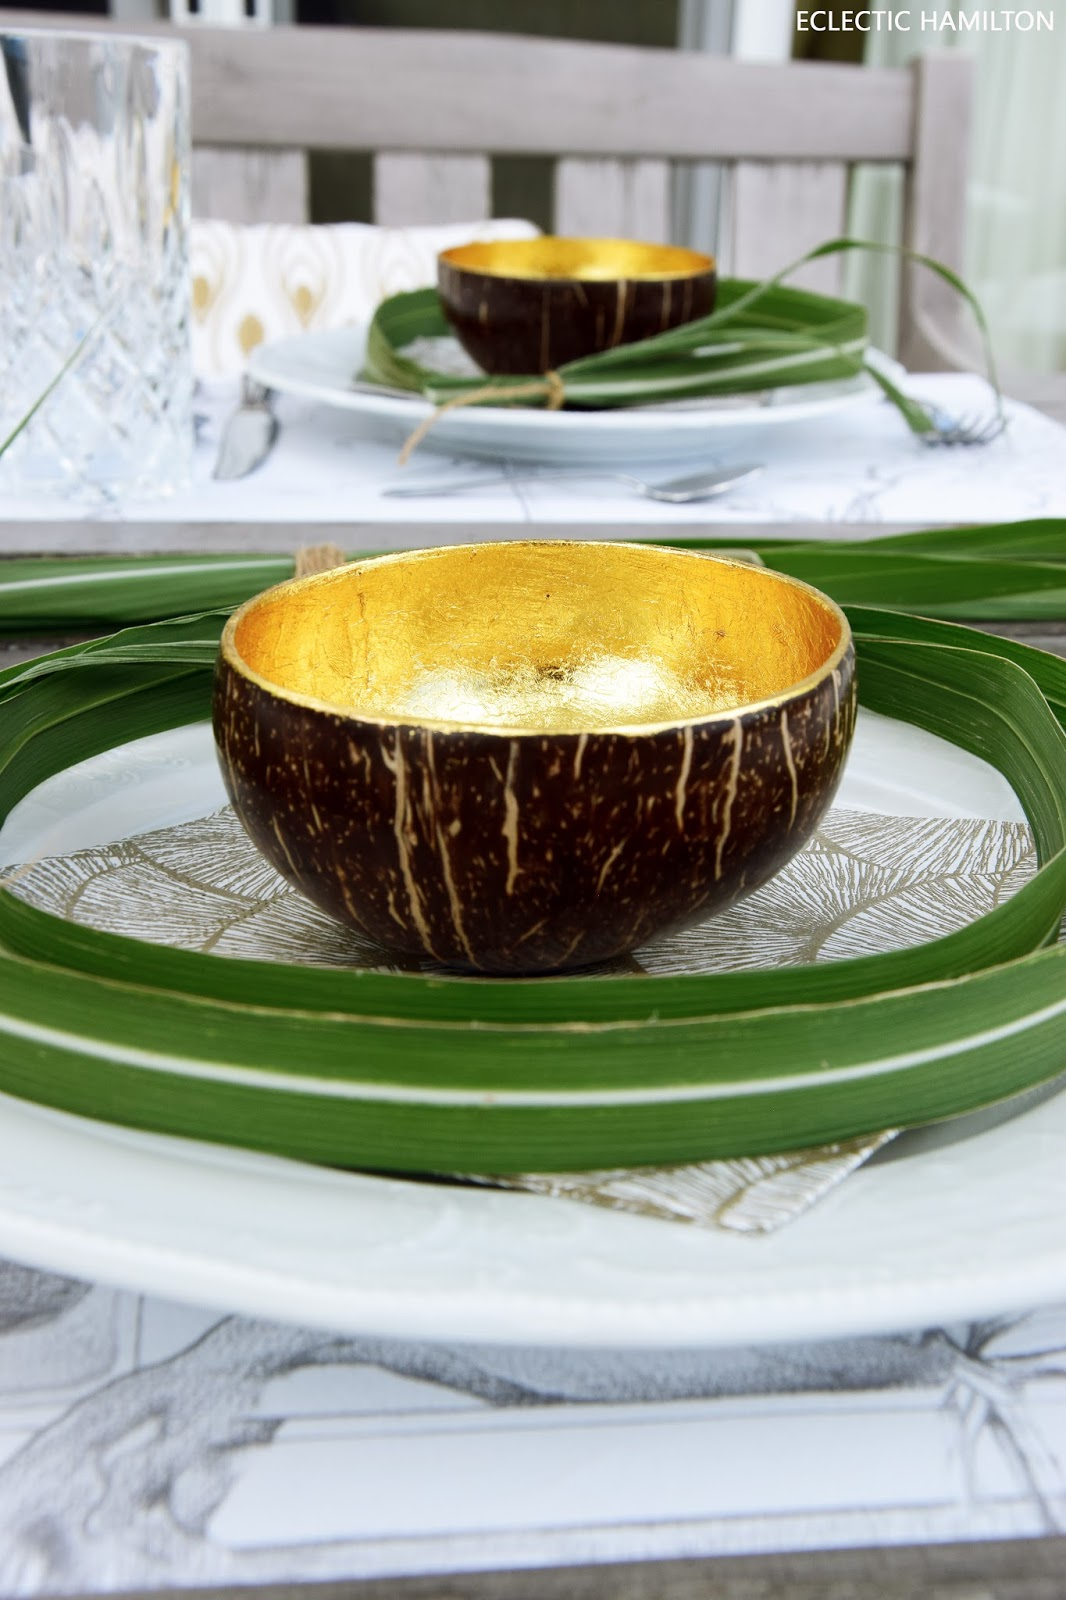 Tischdeko mit Schilf Schilfgras dekoration tisch sommer deko sommerlich